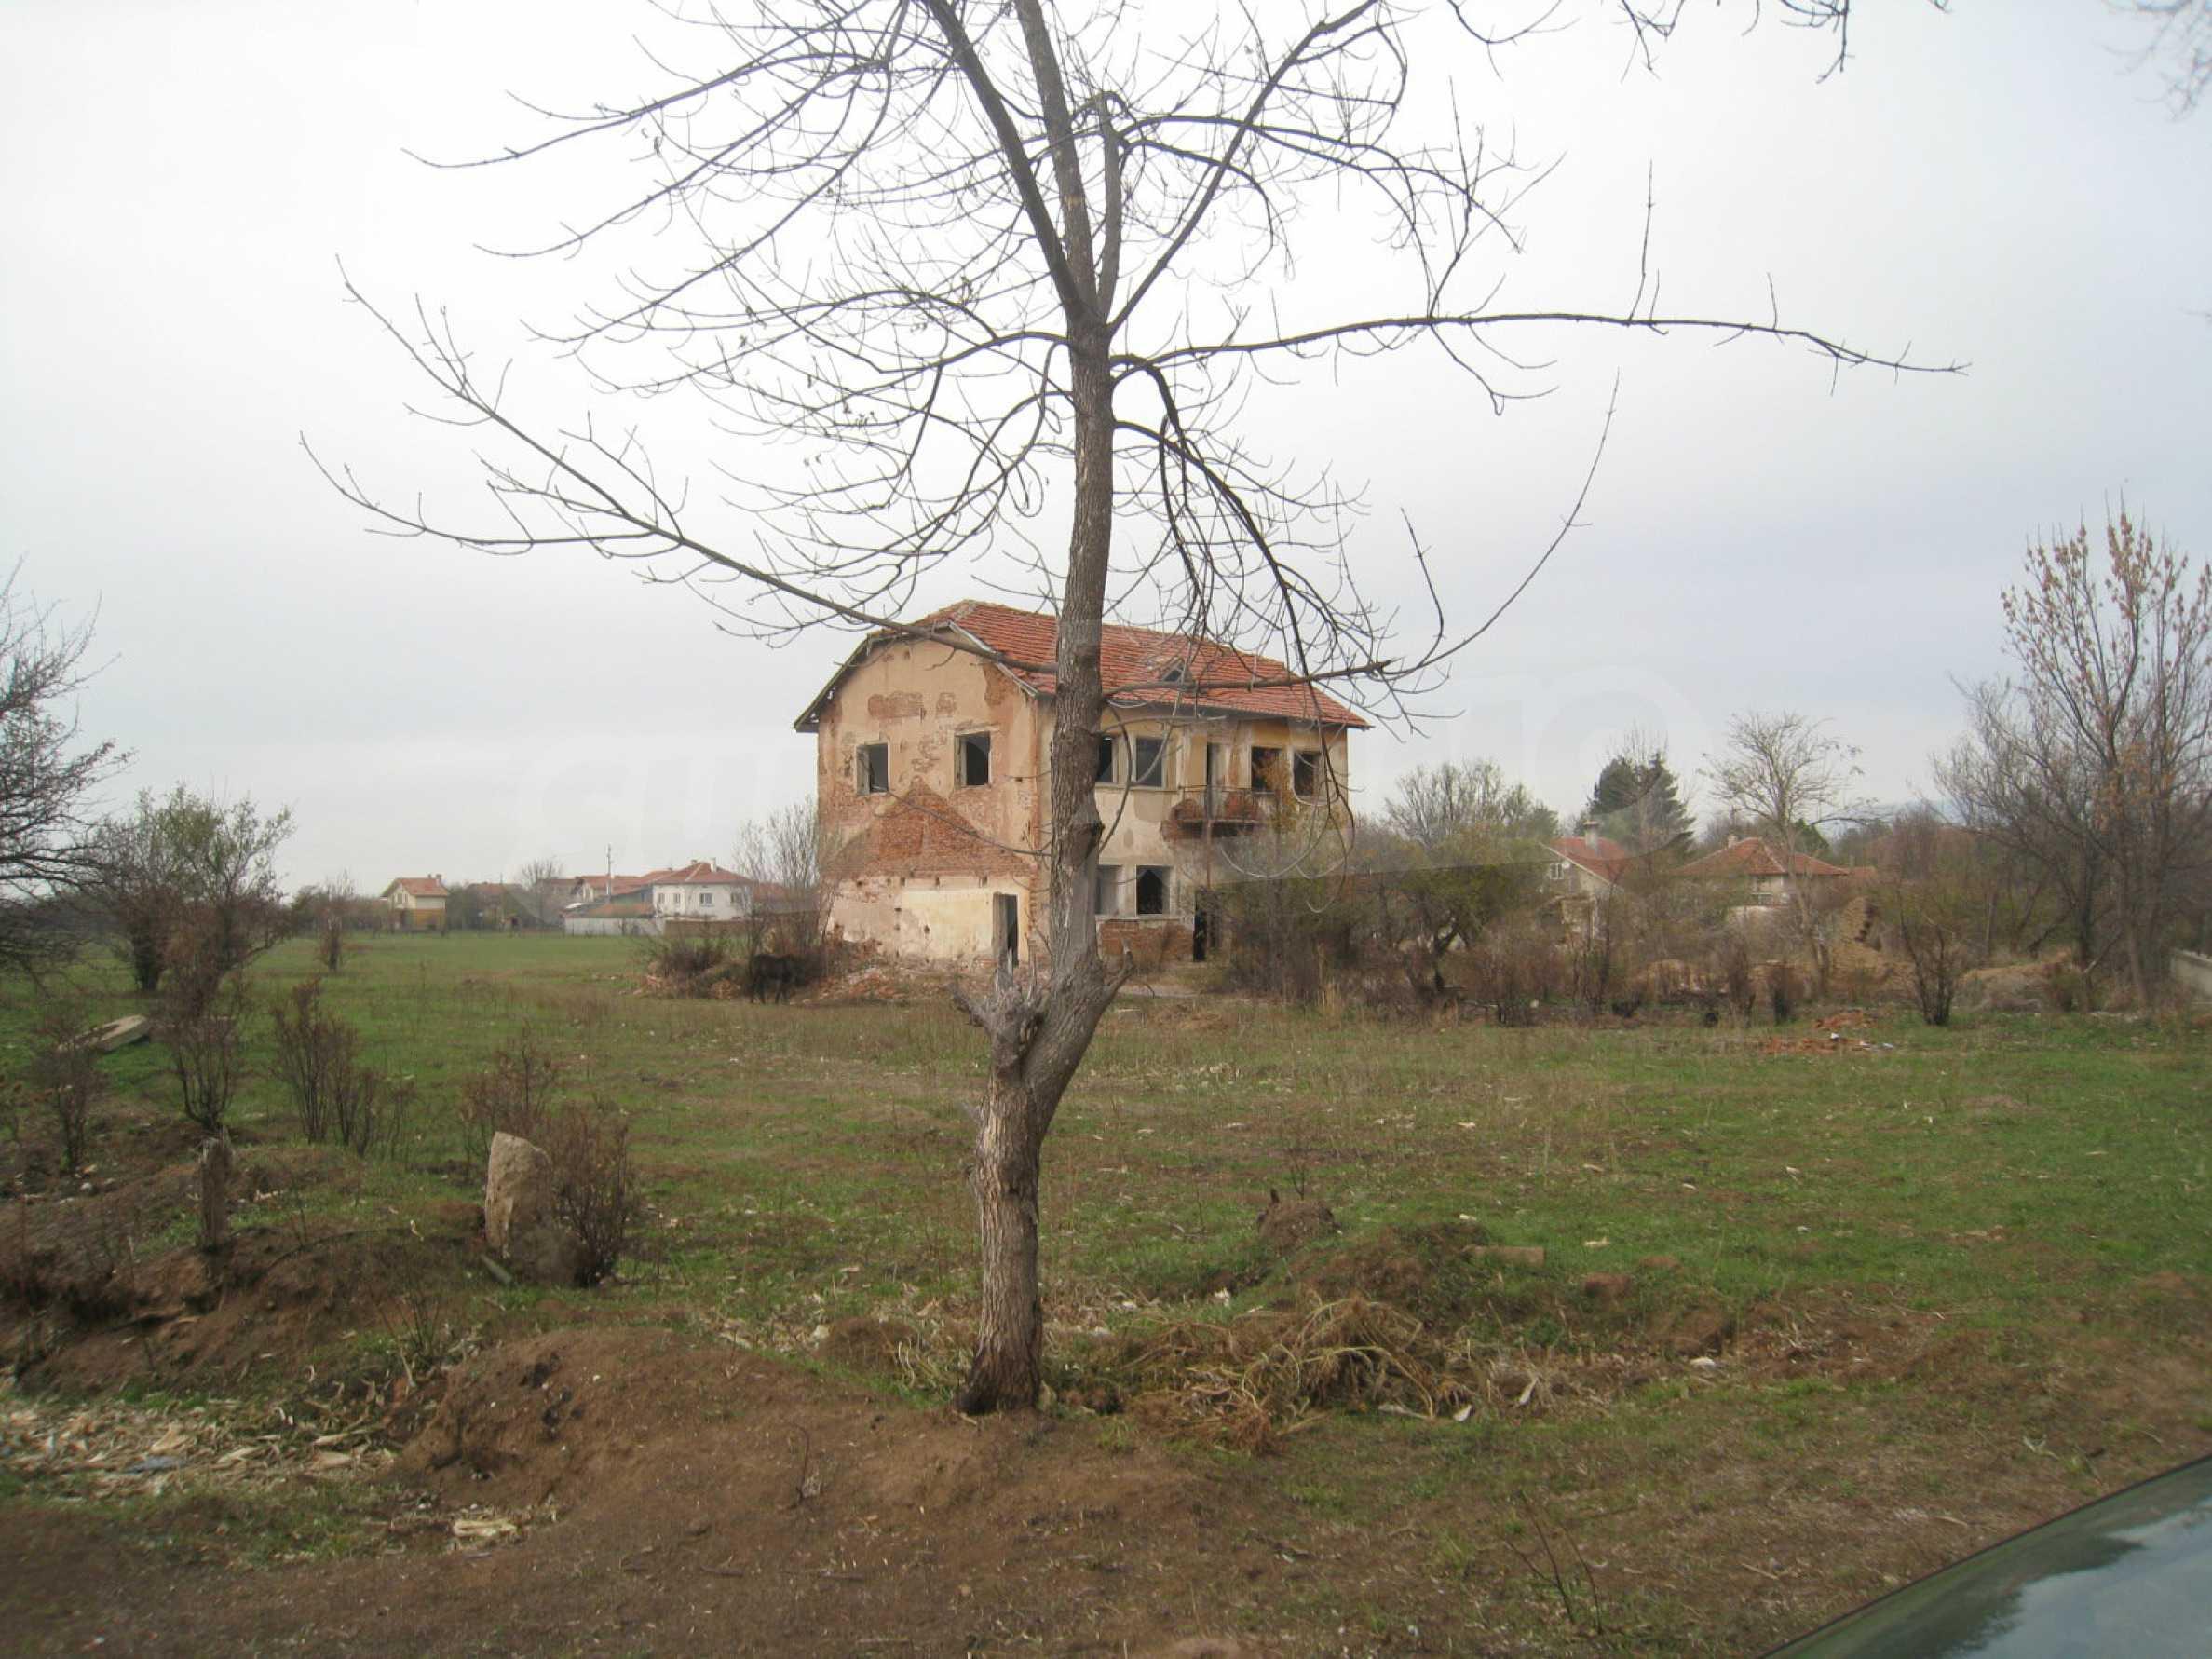 Solides dreistöckiges Gebäude (ehemalige Mühle) mit Hof in der Nähe von Elin Pelin